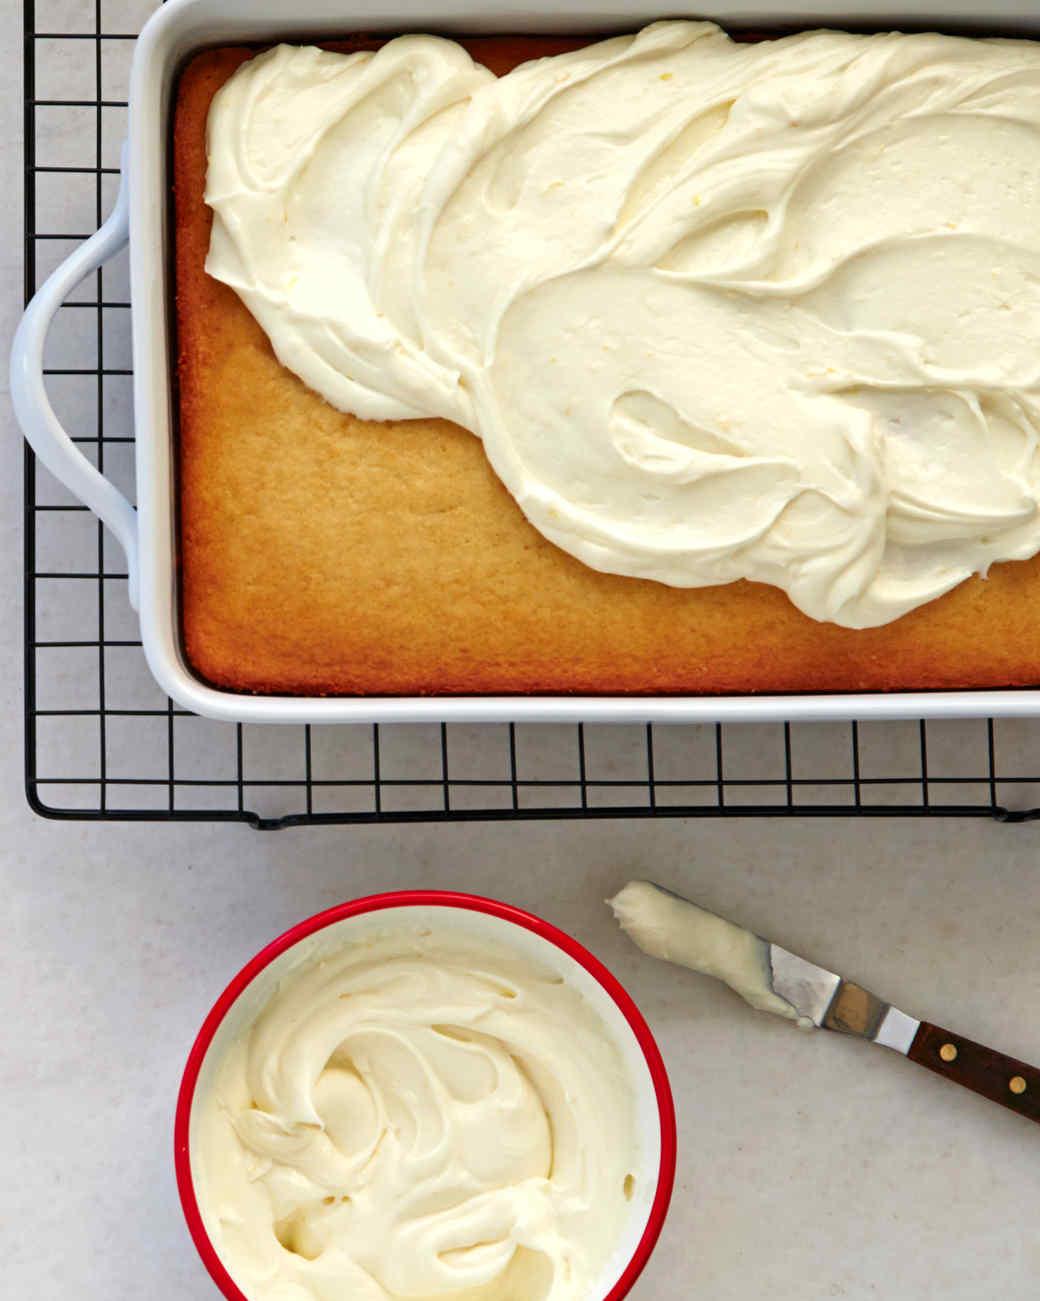 lemon-cream-cheese-frosting-5642-d112865.jpg